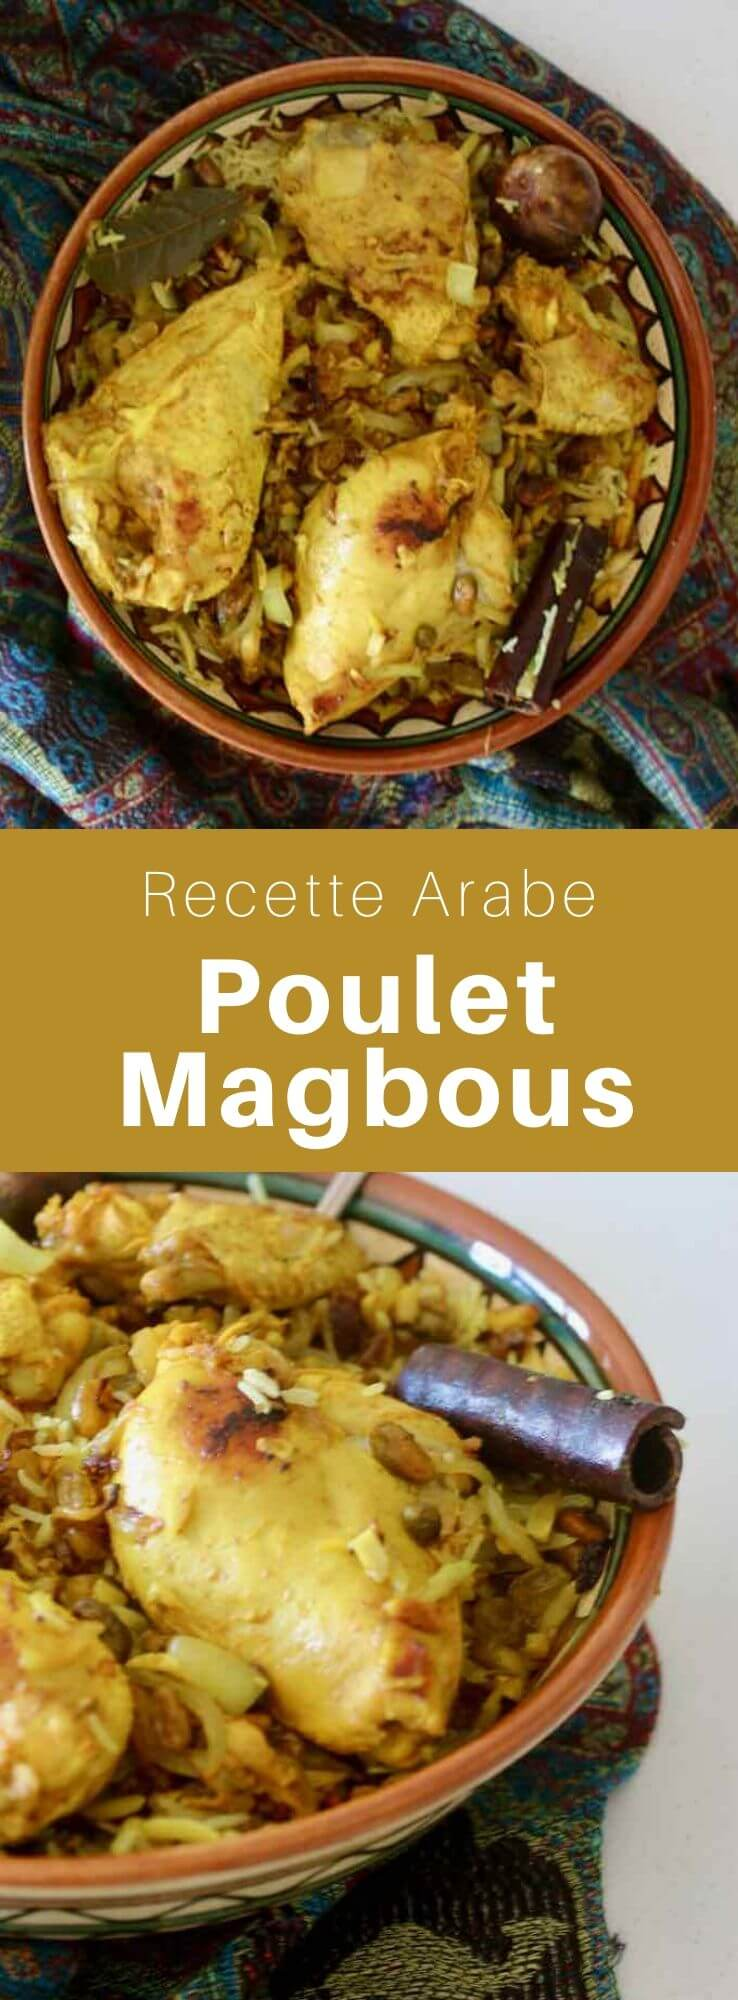 Le poulet magbous est un plat arabe traditionnel de riz garni d'oignons et fruits secs, qui est similaire à un byriani indien. #GolfePersique #CuisineArabe #RecetteArabe #CuisineDuMonde #196flavors